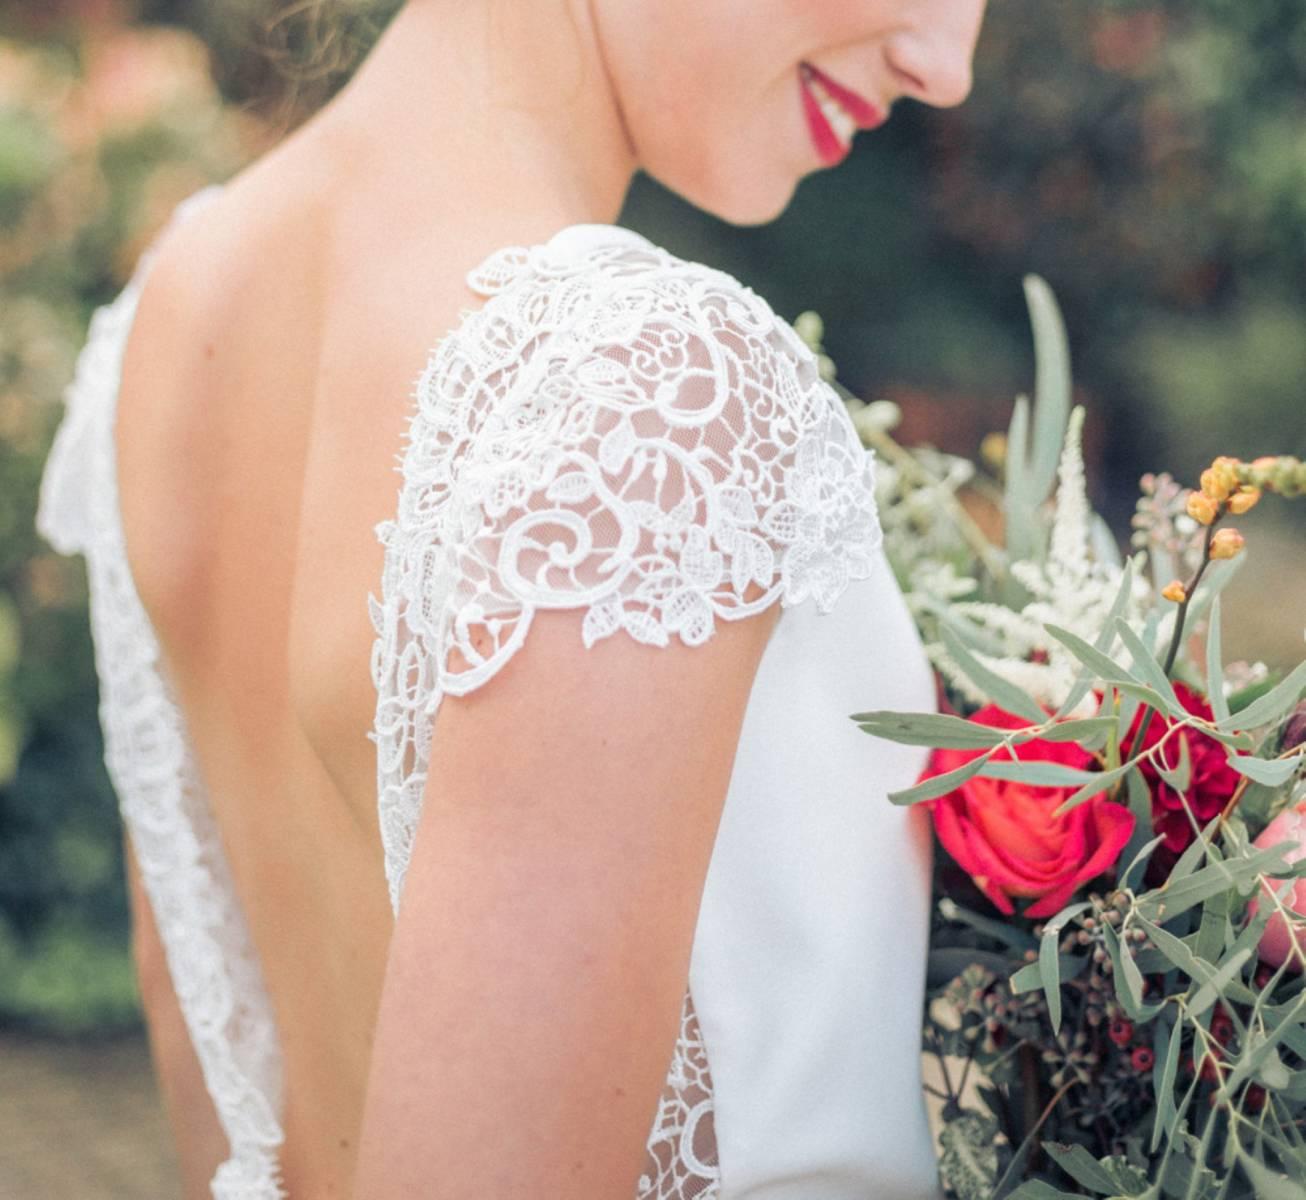 House of Weddings Charline Verbeken Trouwjurk Bruidsjurk Couture Trouwkleed Trouwen Huwelijk Mariage  (25)